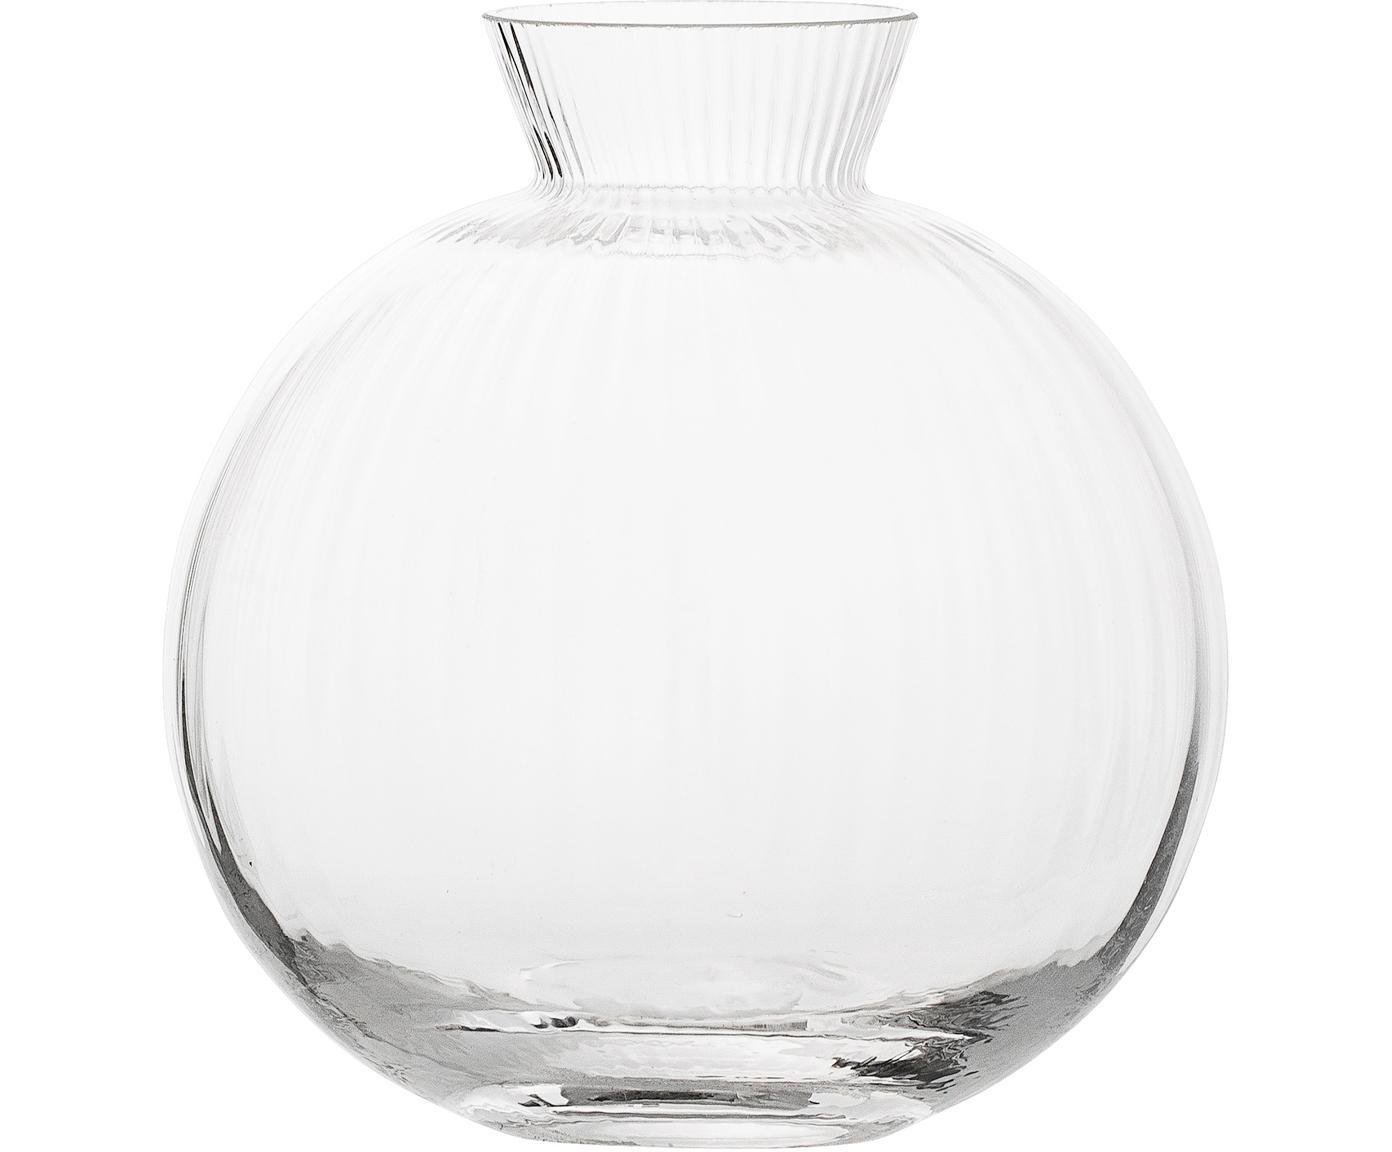 Vaso in vetro Visible, Vetro, Trasparente, Ø 11 x Alt. 12 cm